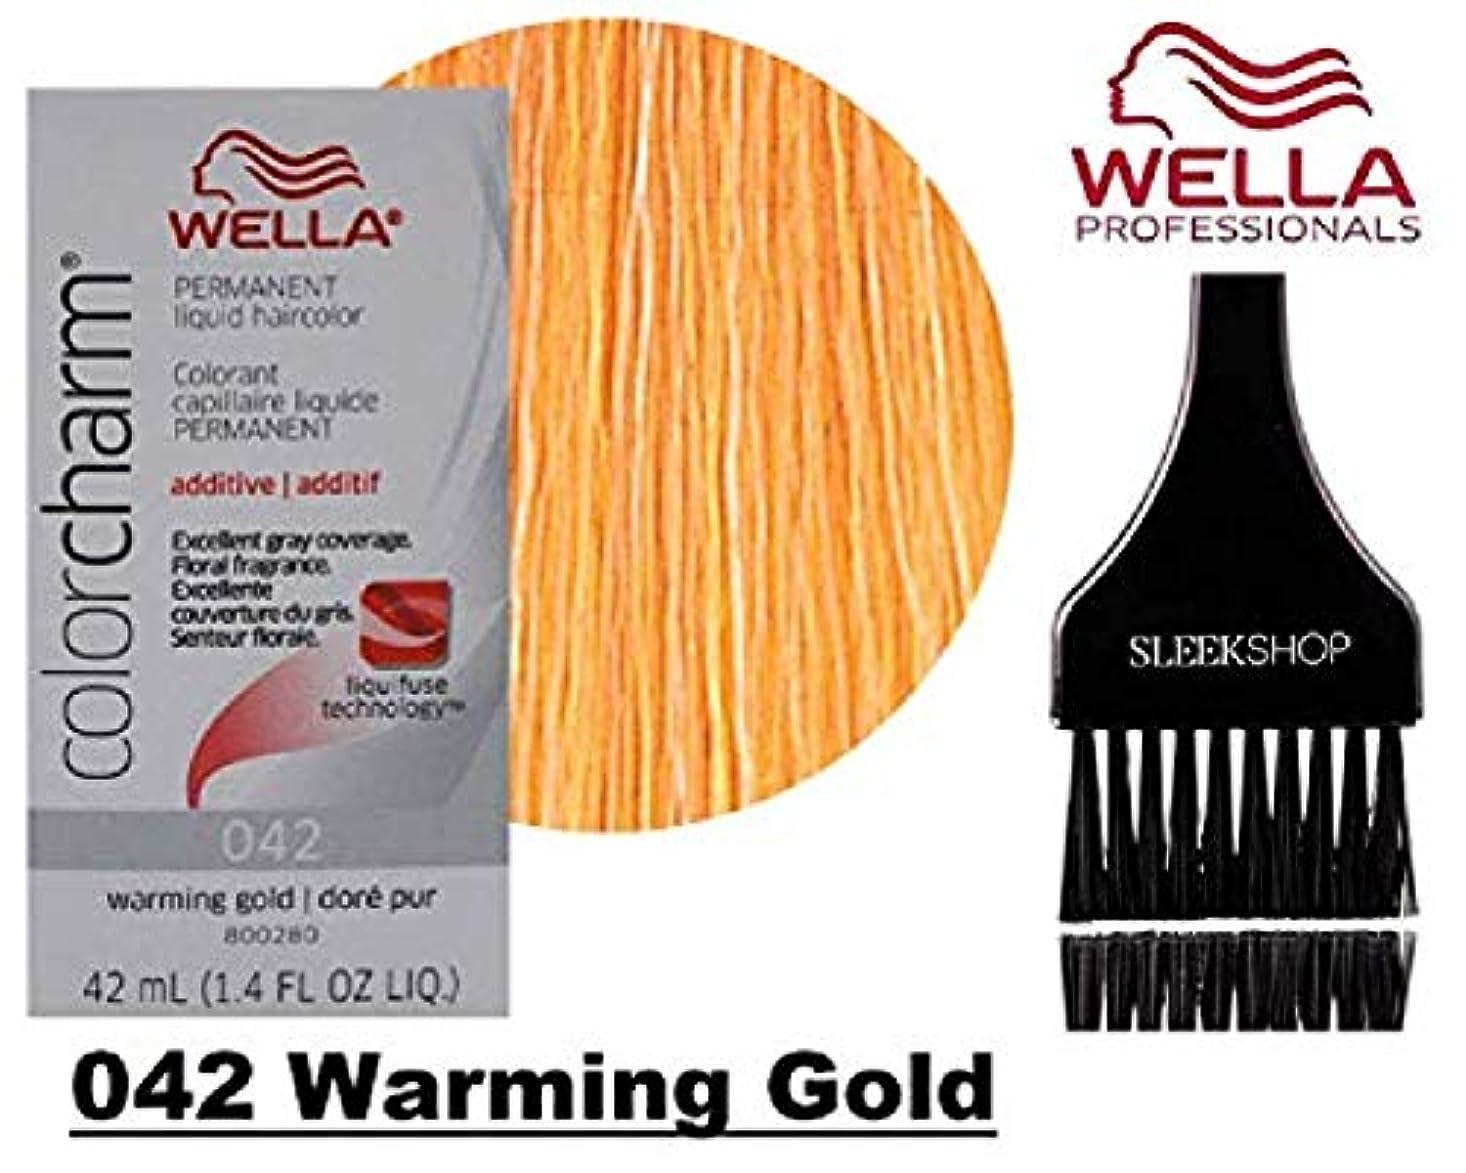 ナインへ鉄道駅生産性Coty Wella ウエラカラーチャームパーマネントリキッドヘアカラー(なめらかな色合いブラシ)優れたグレーカバレッジ、花の香り、1:2の混合比ヘアカラー色素 042温暖化ゴールド。